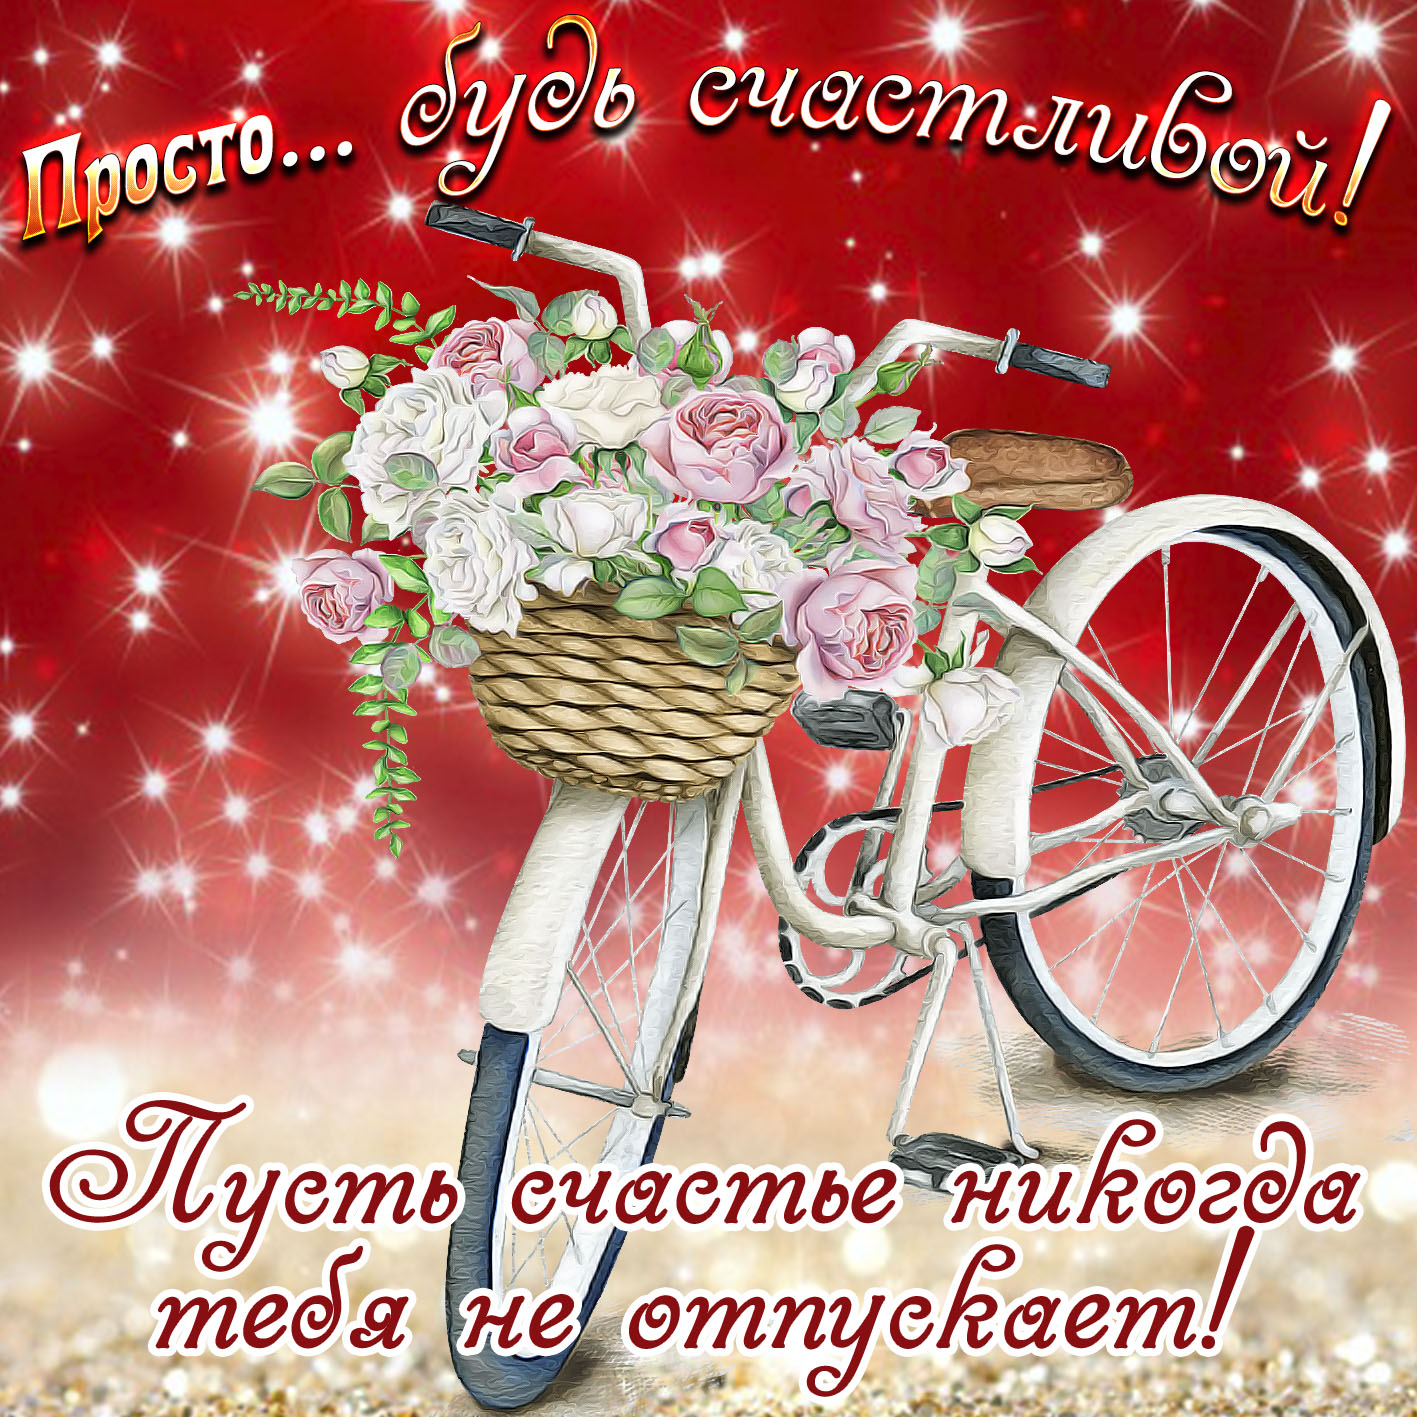 Открытка с пожеланием счастья - велосипед с розами на красном фоне